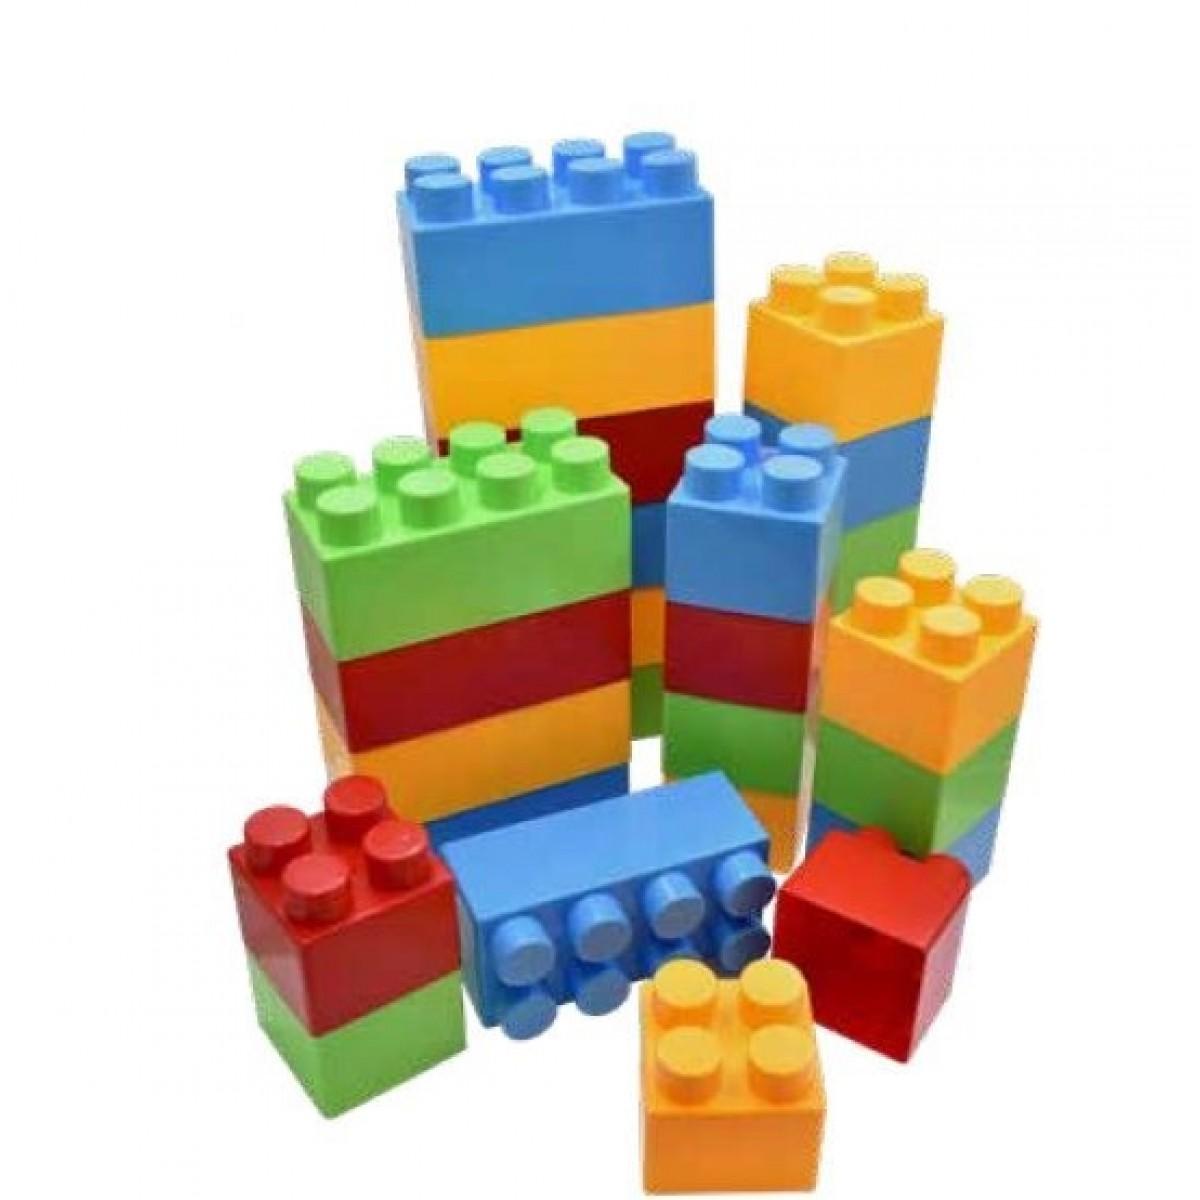 مكعبات فلين 60 قطعة 20 كبير 40 صغير غير قابل للكسر